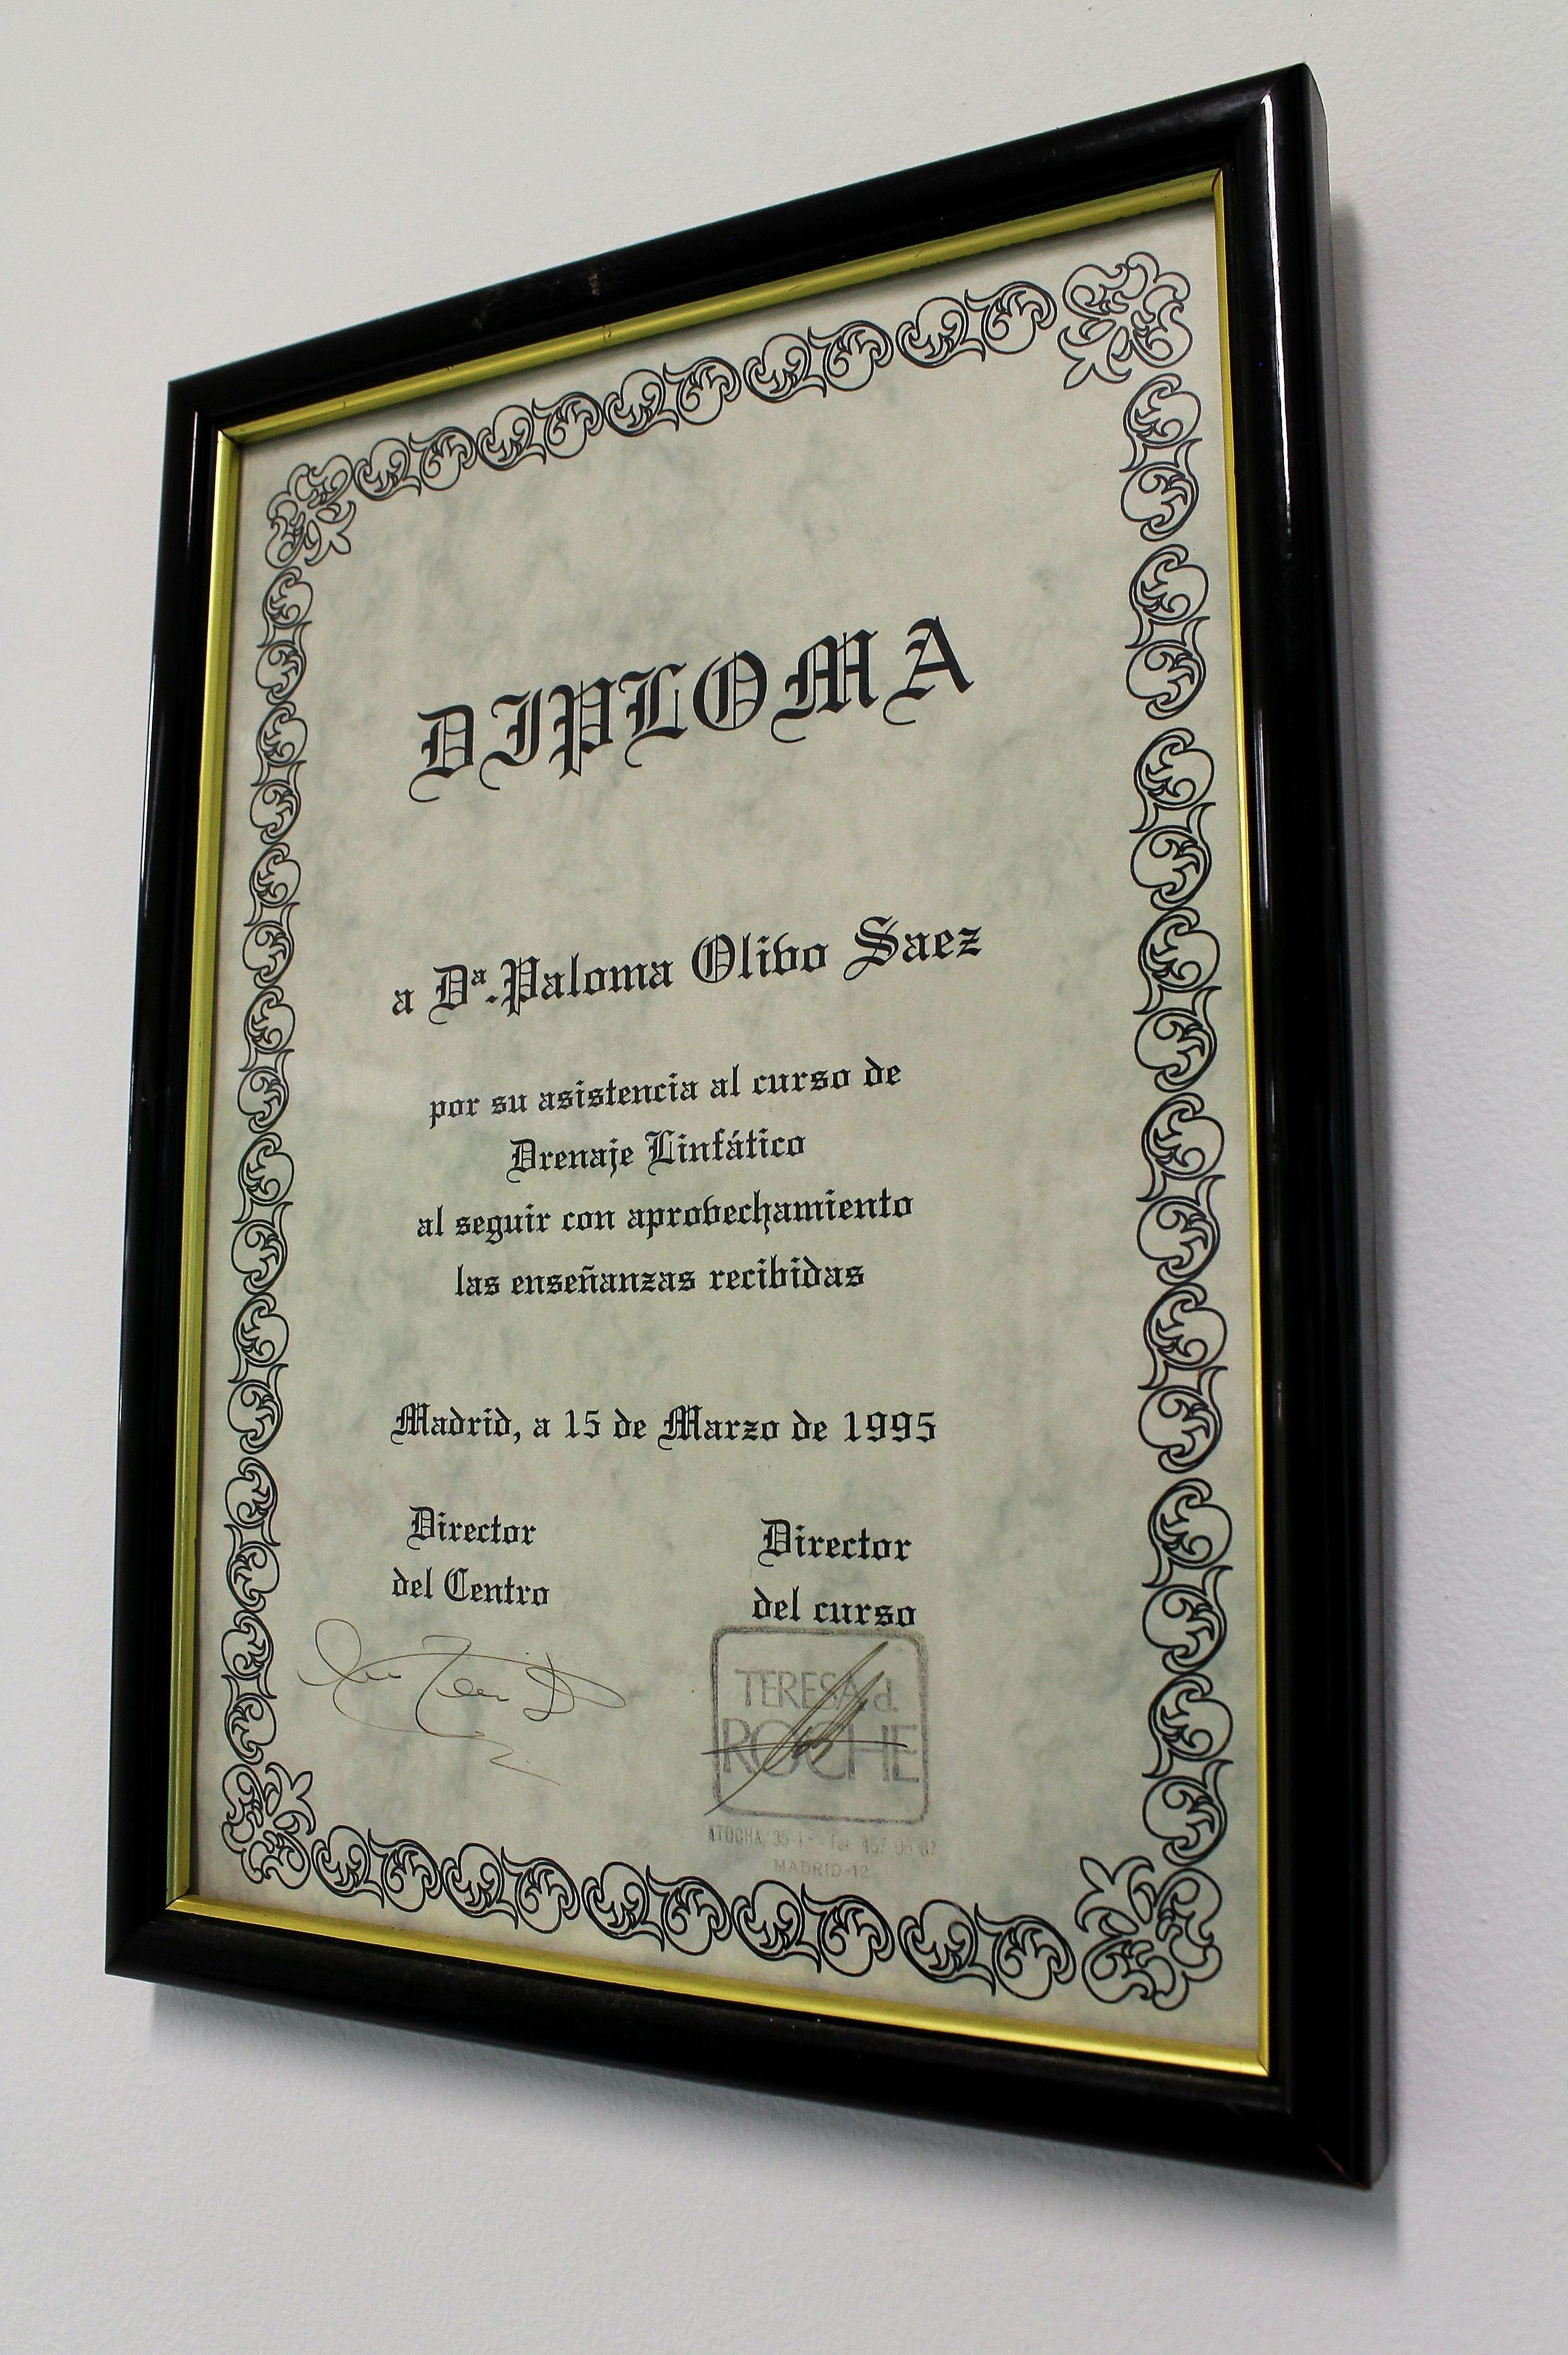 Diploma de un curso de drenaje linfático